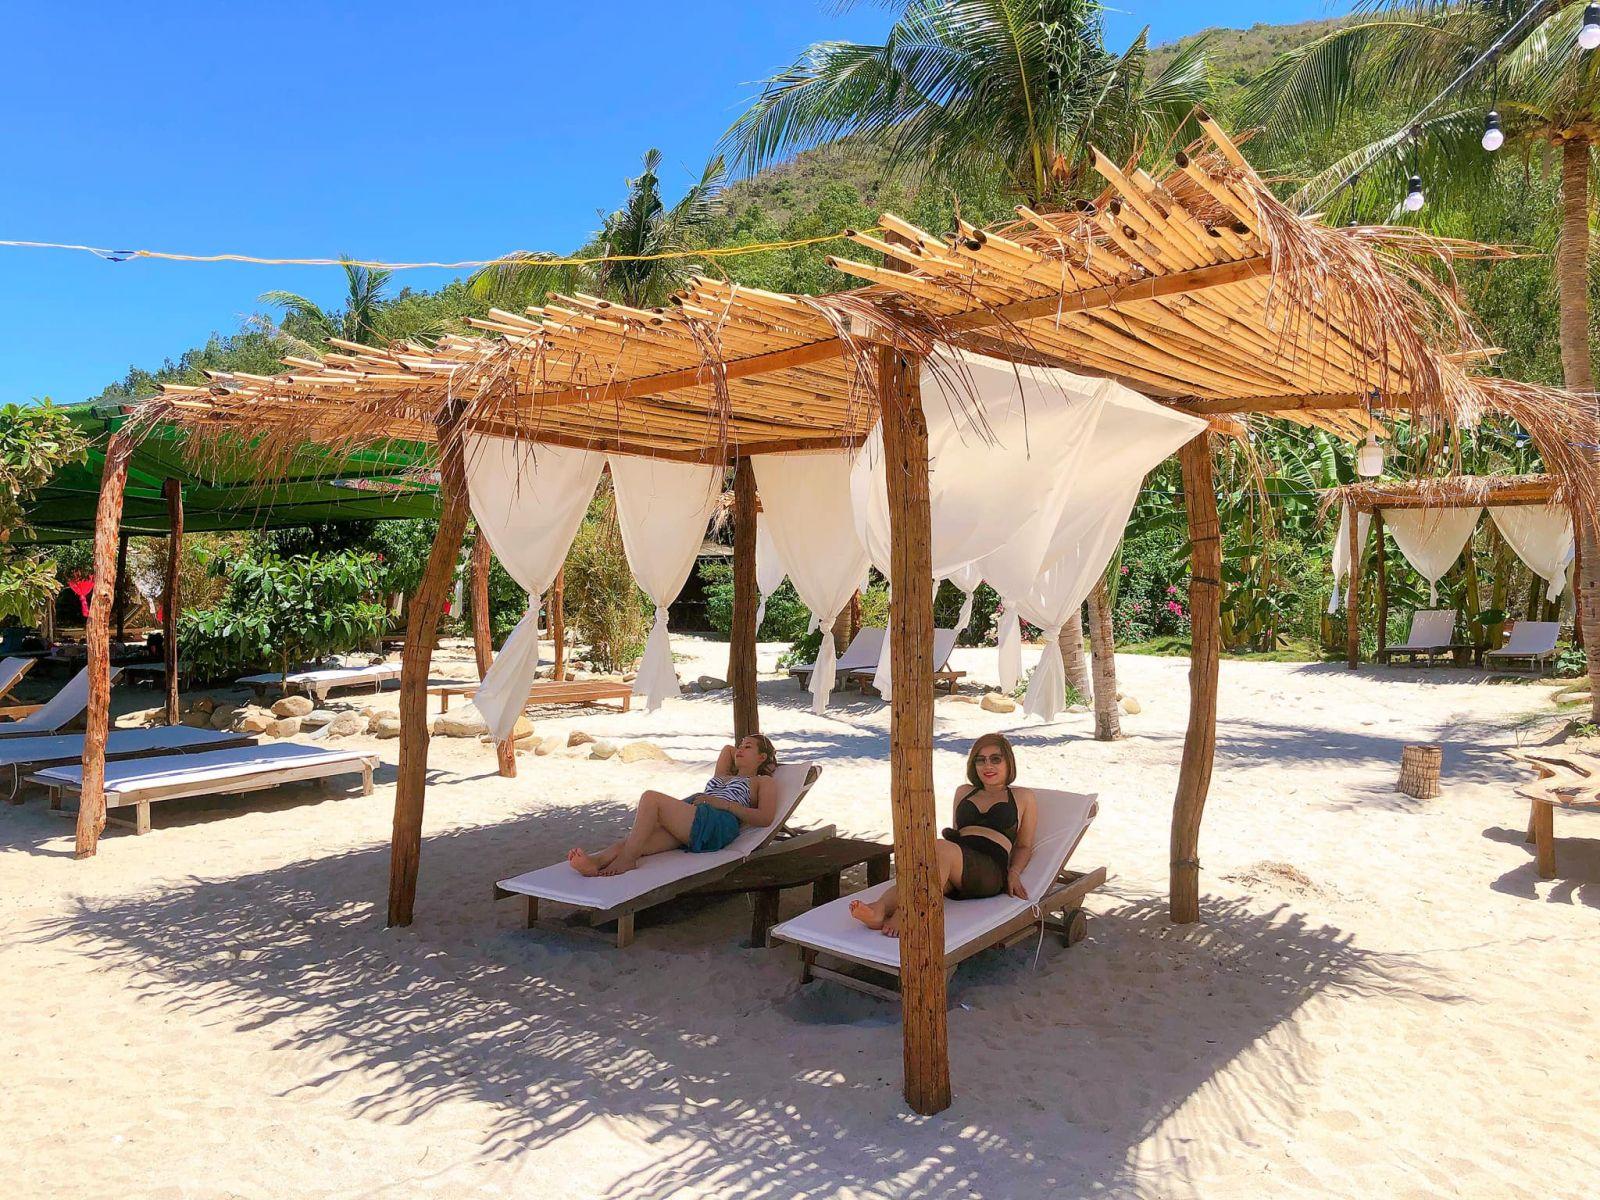 Đảo Tình Yêu - Khu vực nghỉ mát